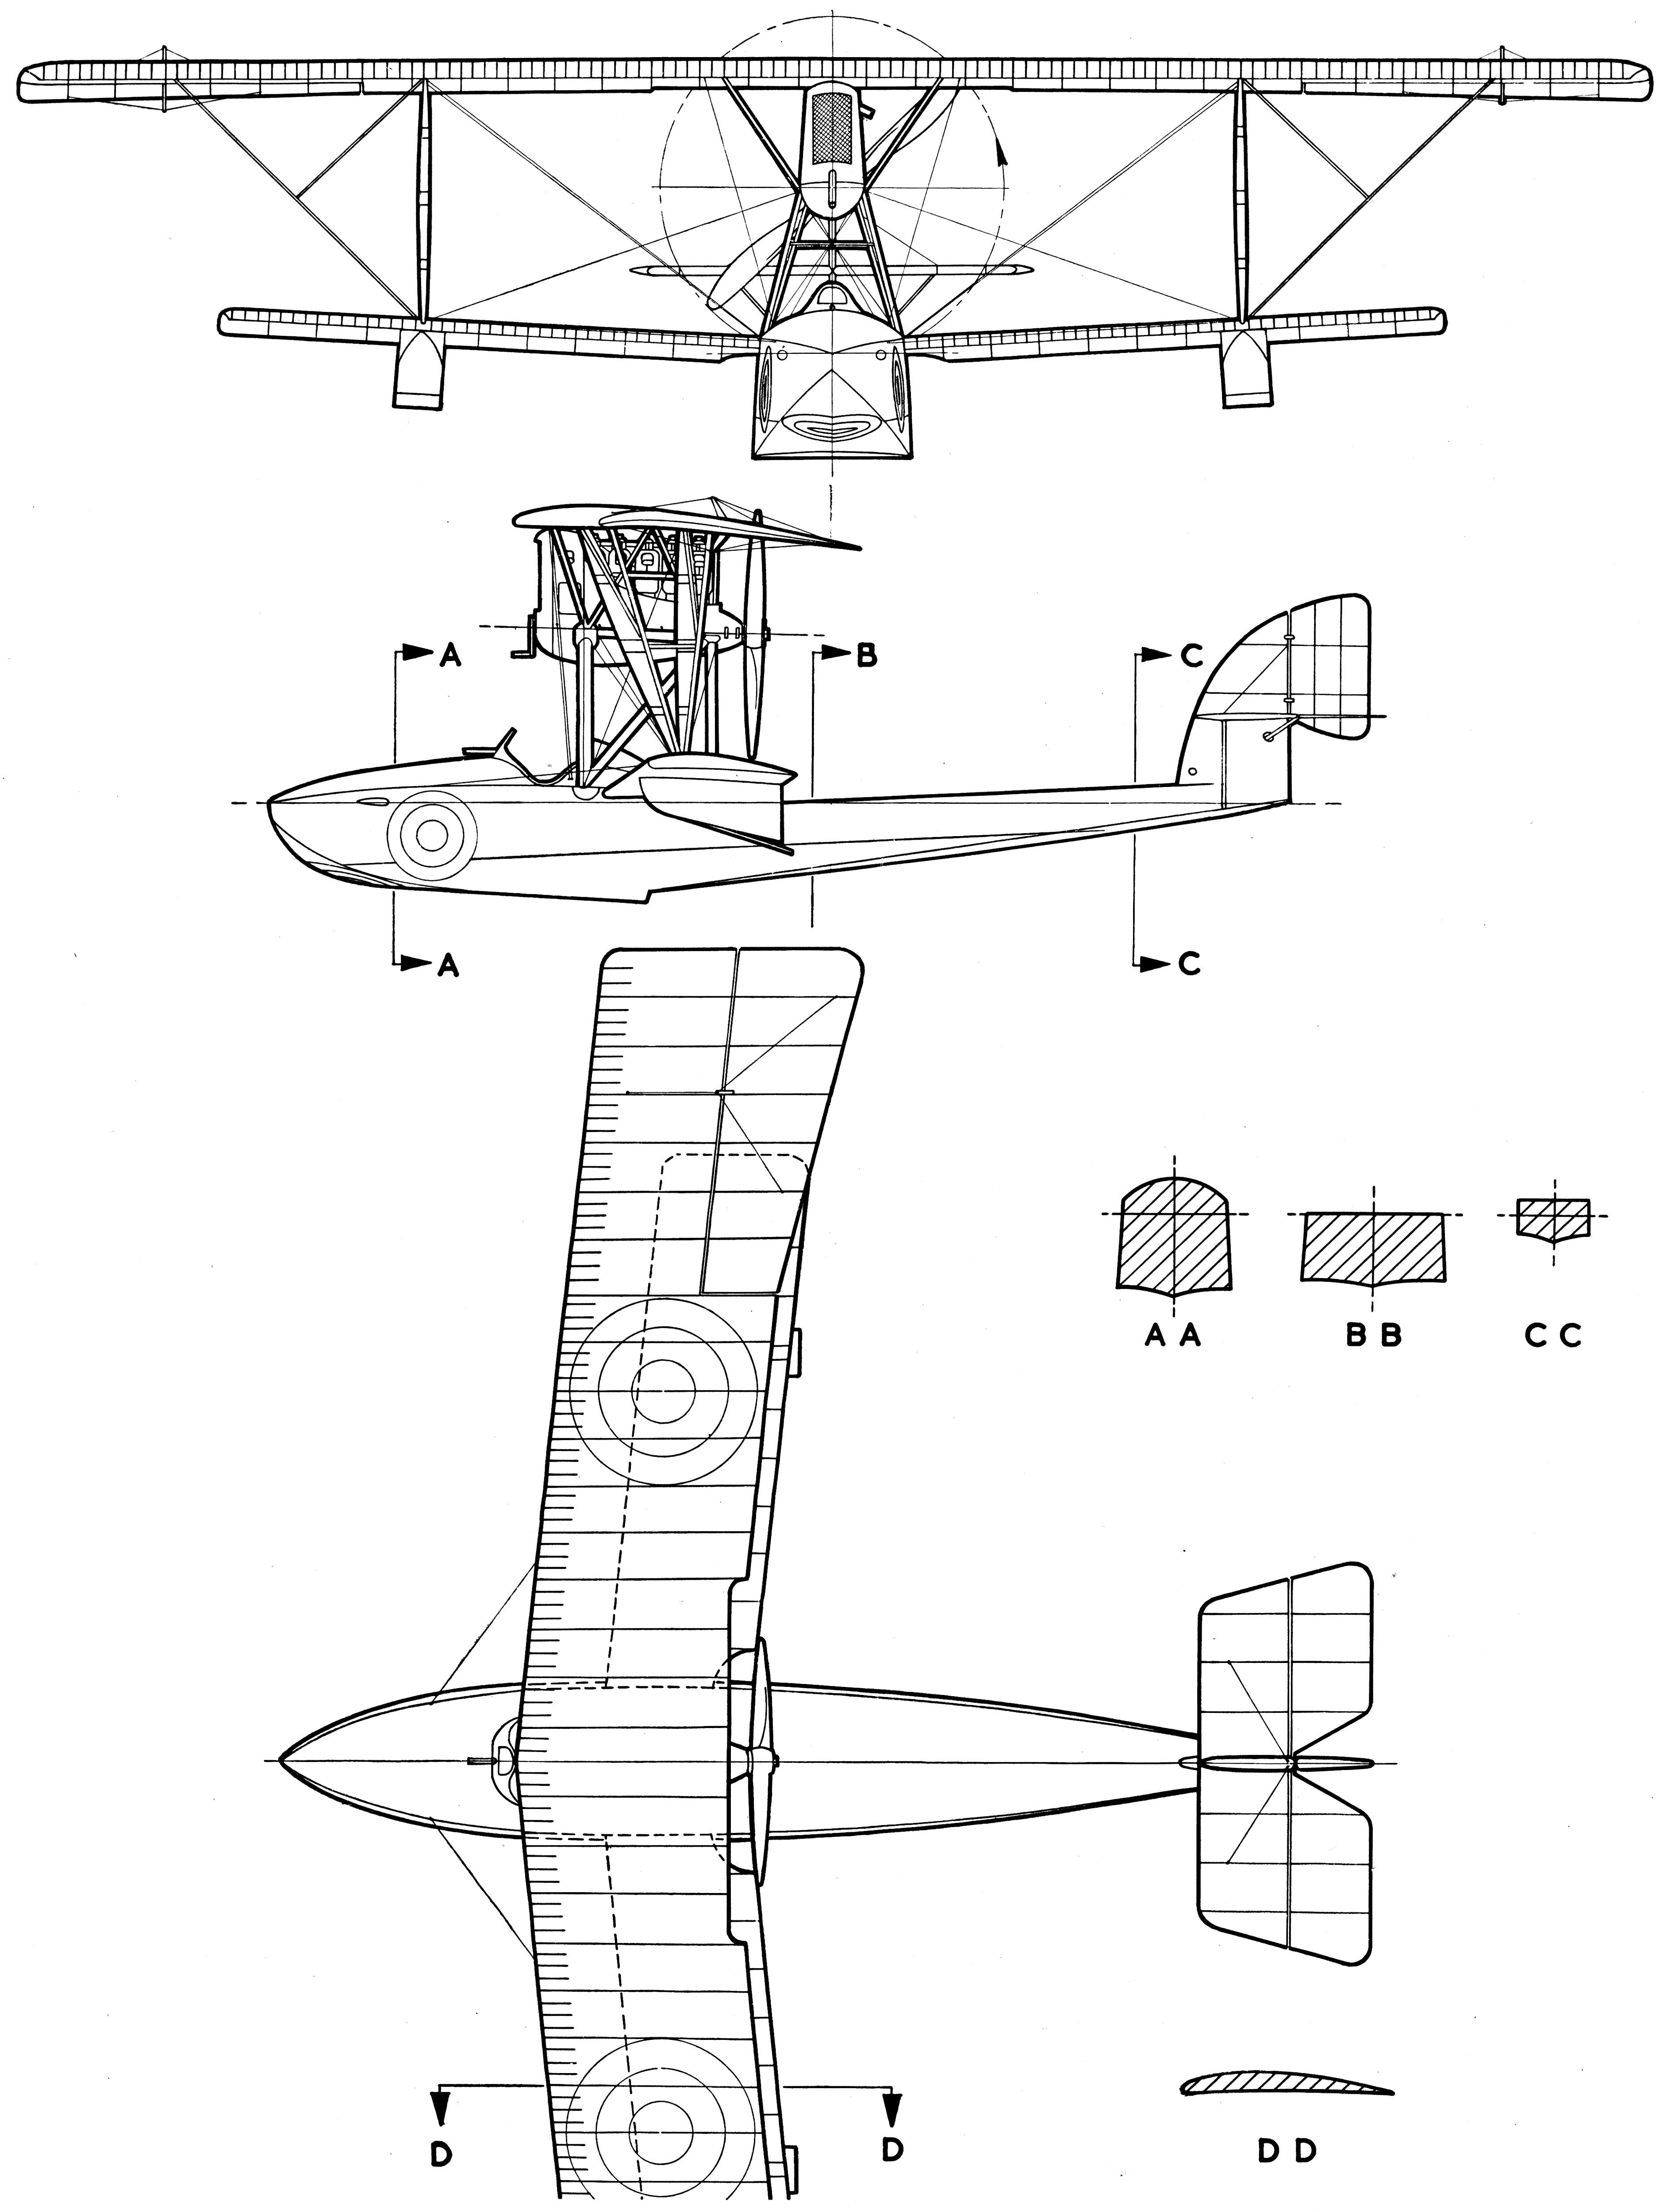 Macchi M 5 Blueprint